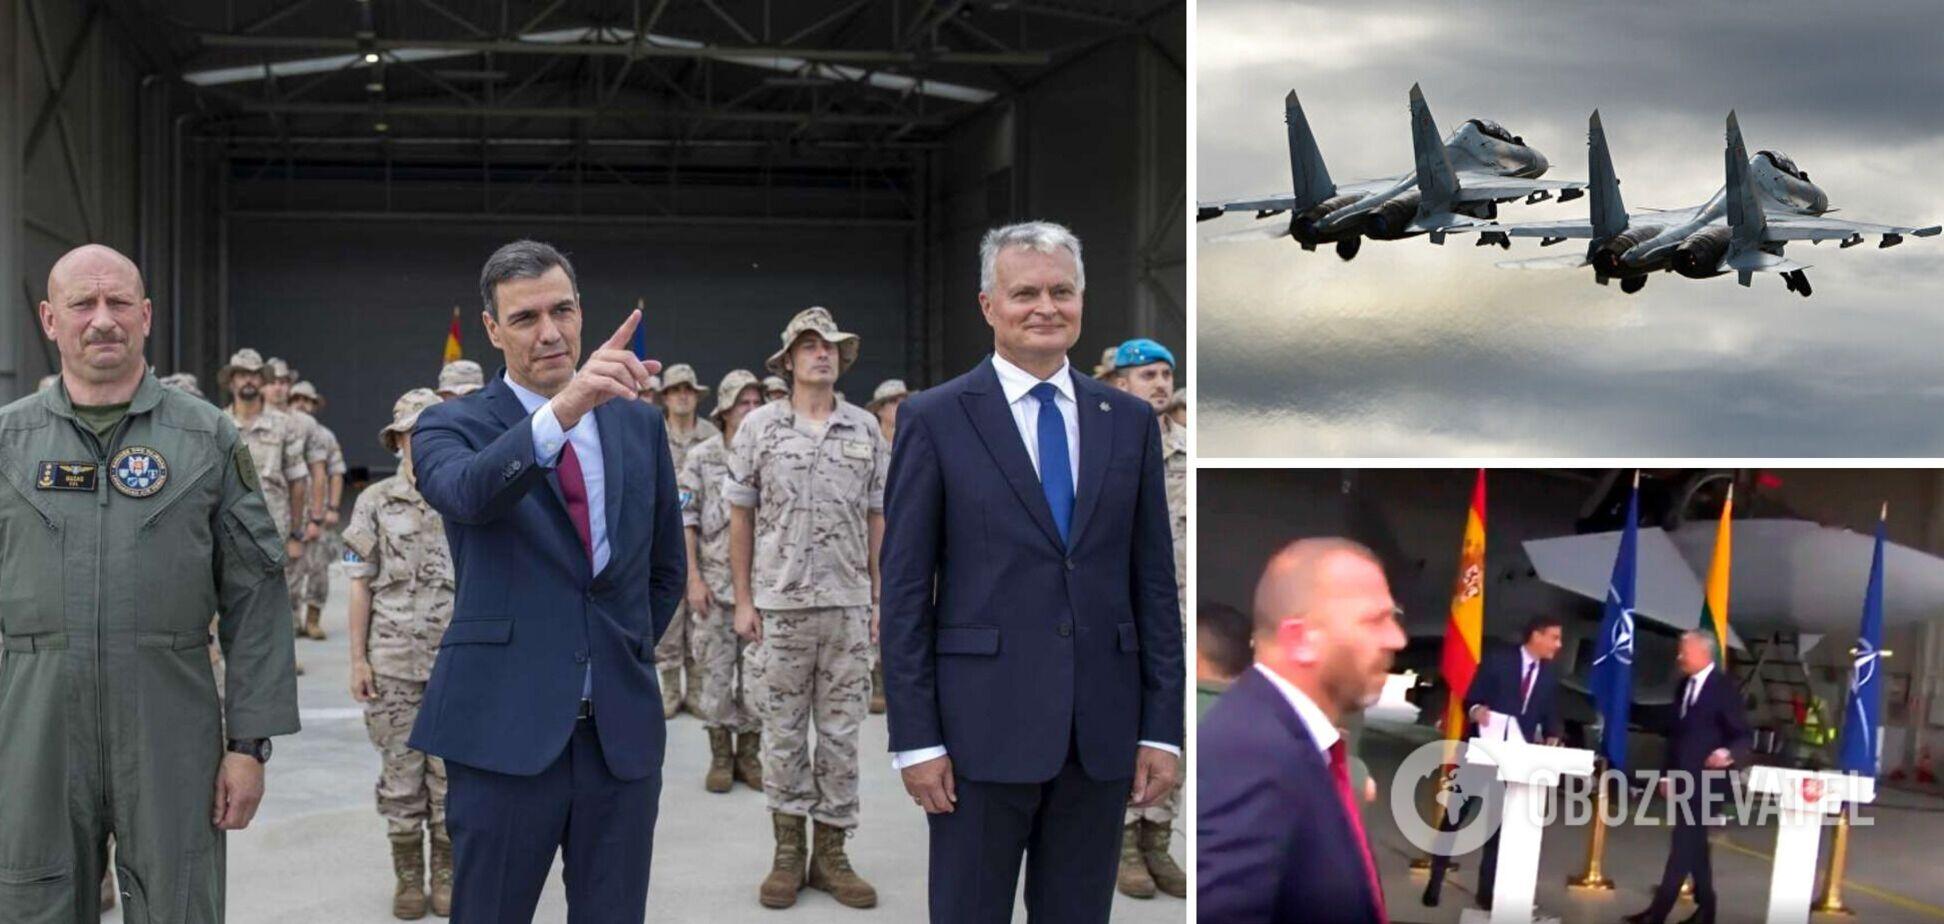 В Литве экстренно прервали брифинг политиков на базе НАТО из-за российских самолетов. Видео